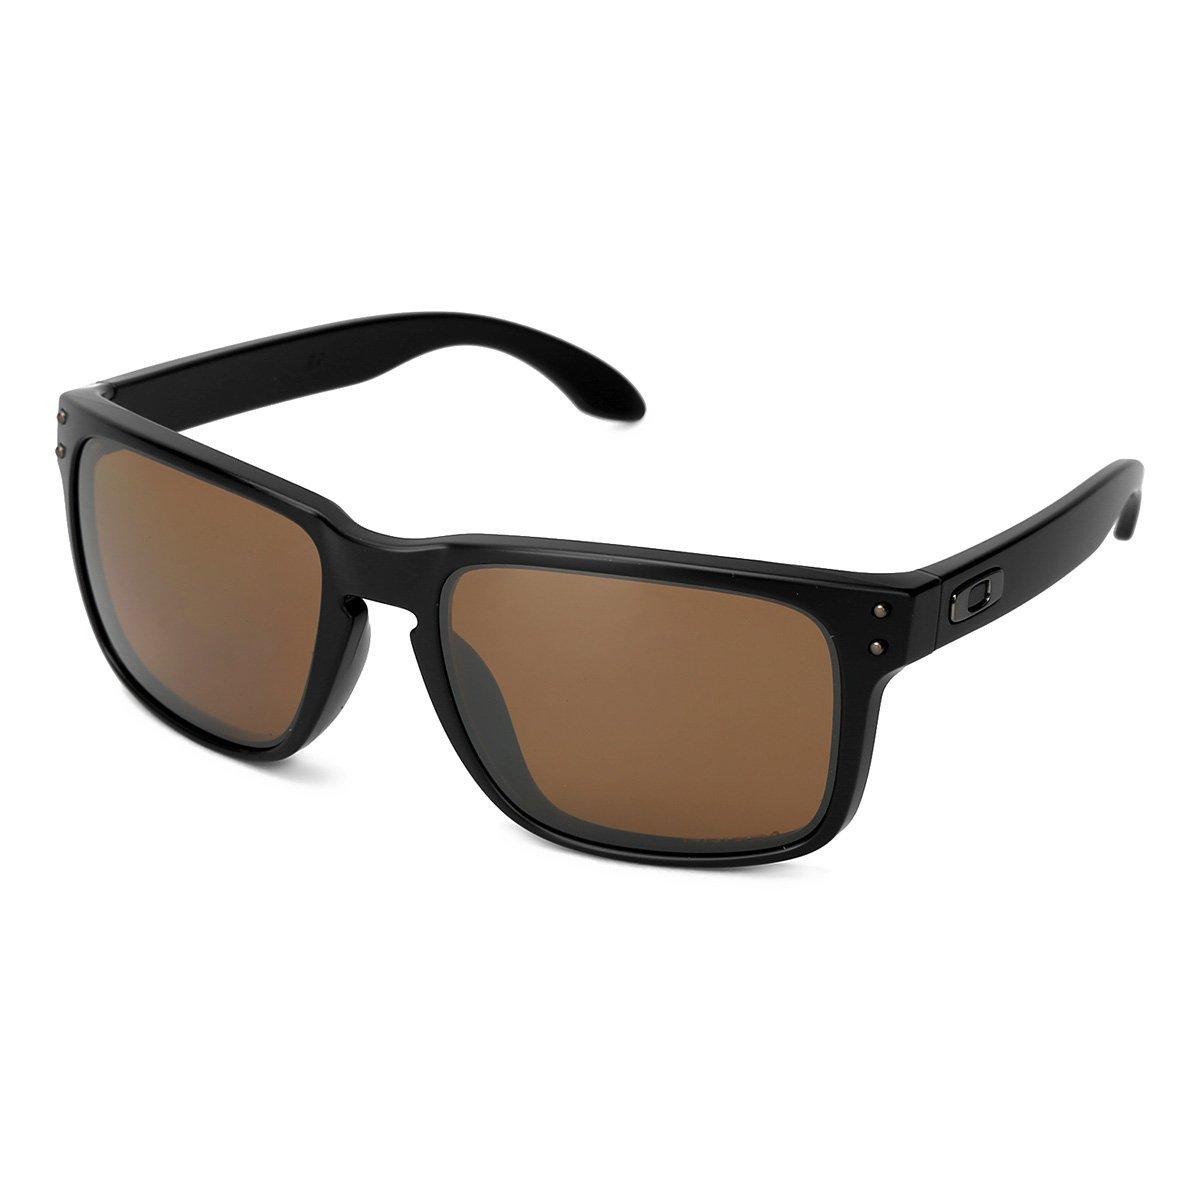 d695528ee160c Óculos de Sol Oakley Holbrook Masculino - Marrom e Preto - Compre Agora